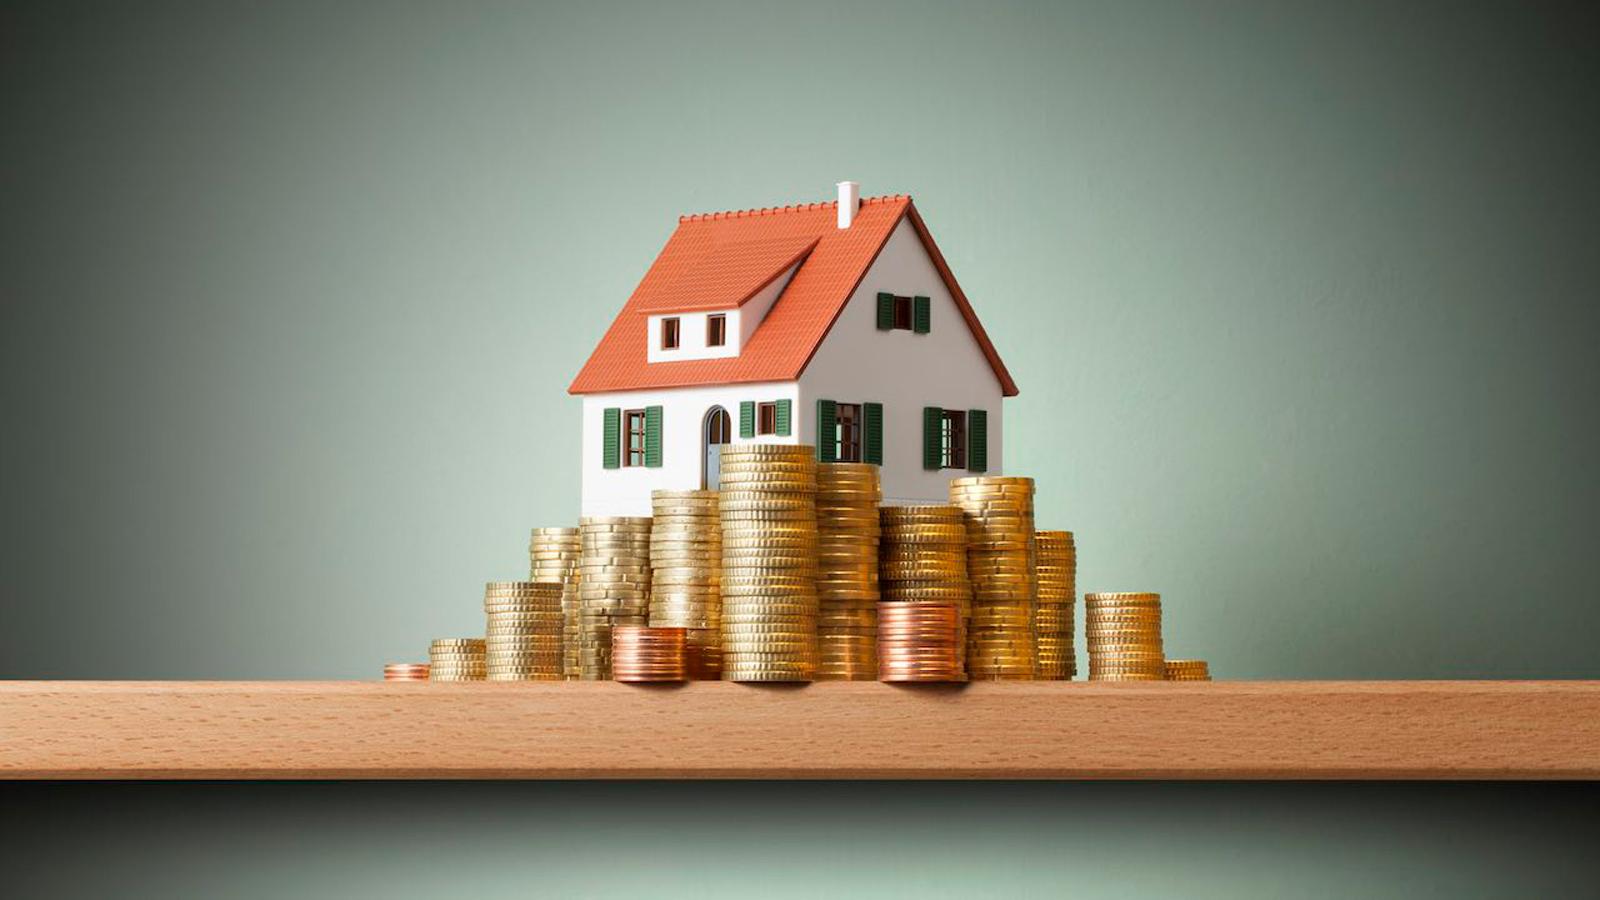 خانههای ۱ میلیارد تومانی در صدر معاملات مسکن فروردین ماه